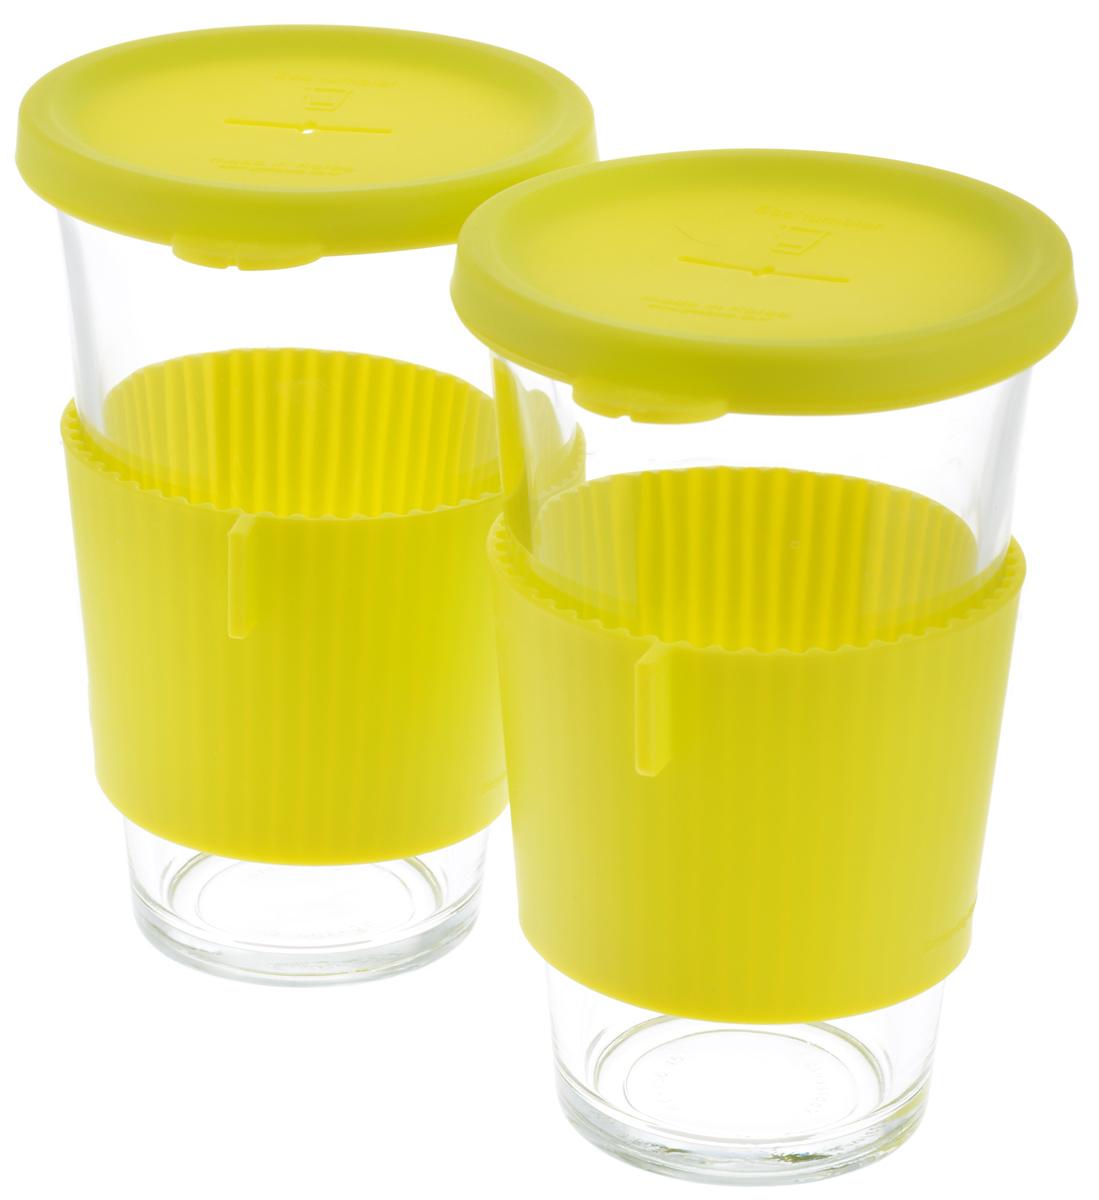 Набор стаканов Glasslock, цвет: прозрачный, салатовый, 500 мл, 2 штGL-1364Набор Glasslock, изготовленный из высококачественного термостойкого стекла, состоит из двух стаканов и двух силиконовых крышек. Крышка имеет отверстие для подвешивания пакетика чая. В таком стакане лучше всего заваривать чай и другие оздоровительные напитки. Изделие имеет силиконовый держатель, для предохранения рук от высокой температуры напитка. Стакан Glasslock можно комфортно использовать на работе или в офисе, также взять с собой в путешествие, чтобы ваш любимый чай был всегда с вами. Можно мыть в посудомоечной машине и использовать в микроволновой печи. Стаканы для хранения напитков в холодильнике и морозильной камере. Не использовать в духовке. Диаметр стакана по верхнему краю: 9 см. Высота стакана (с учетом крышки): 15,5 см.